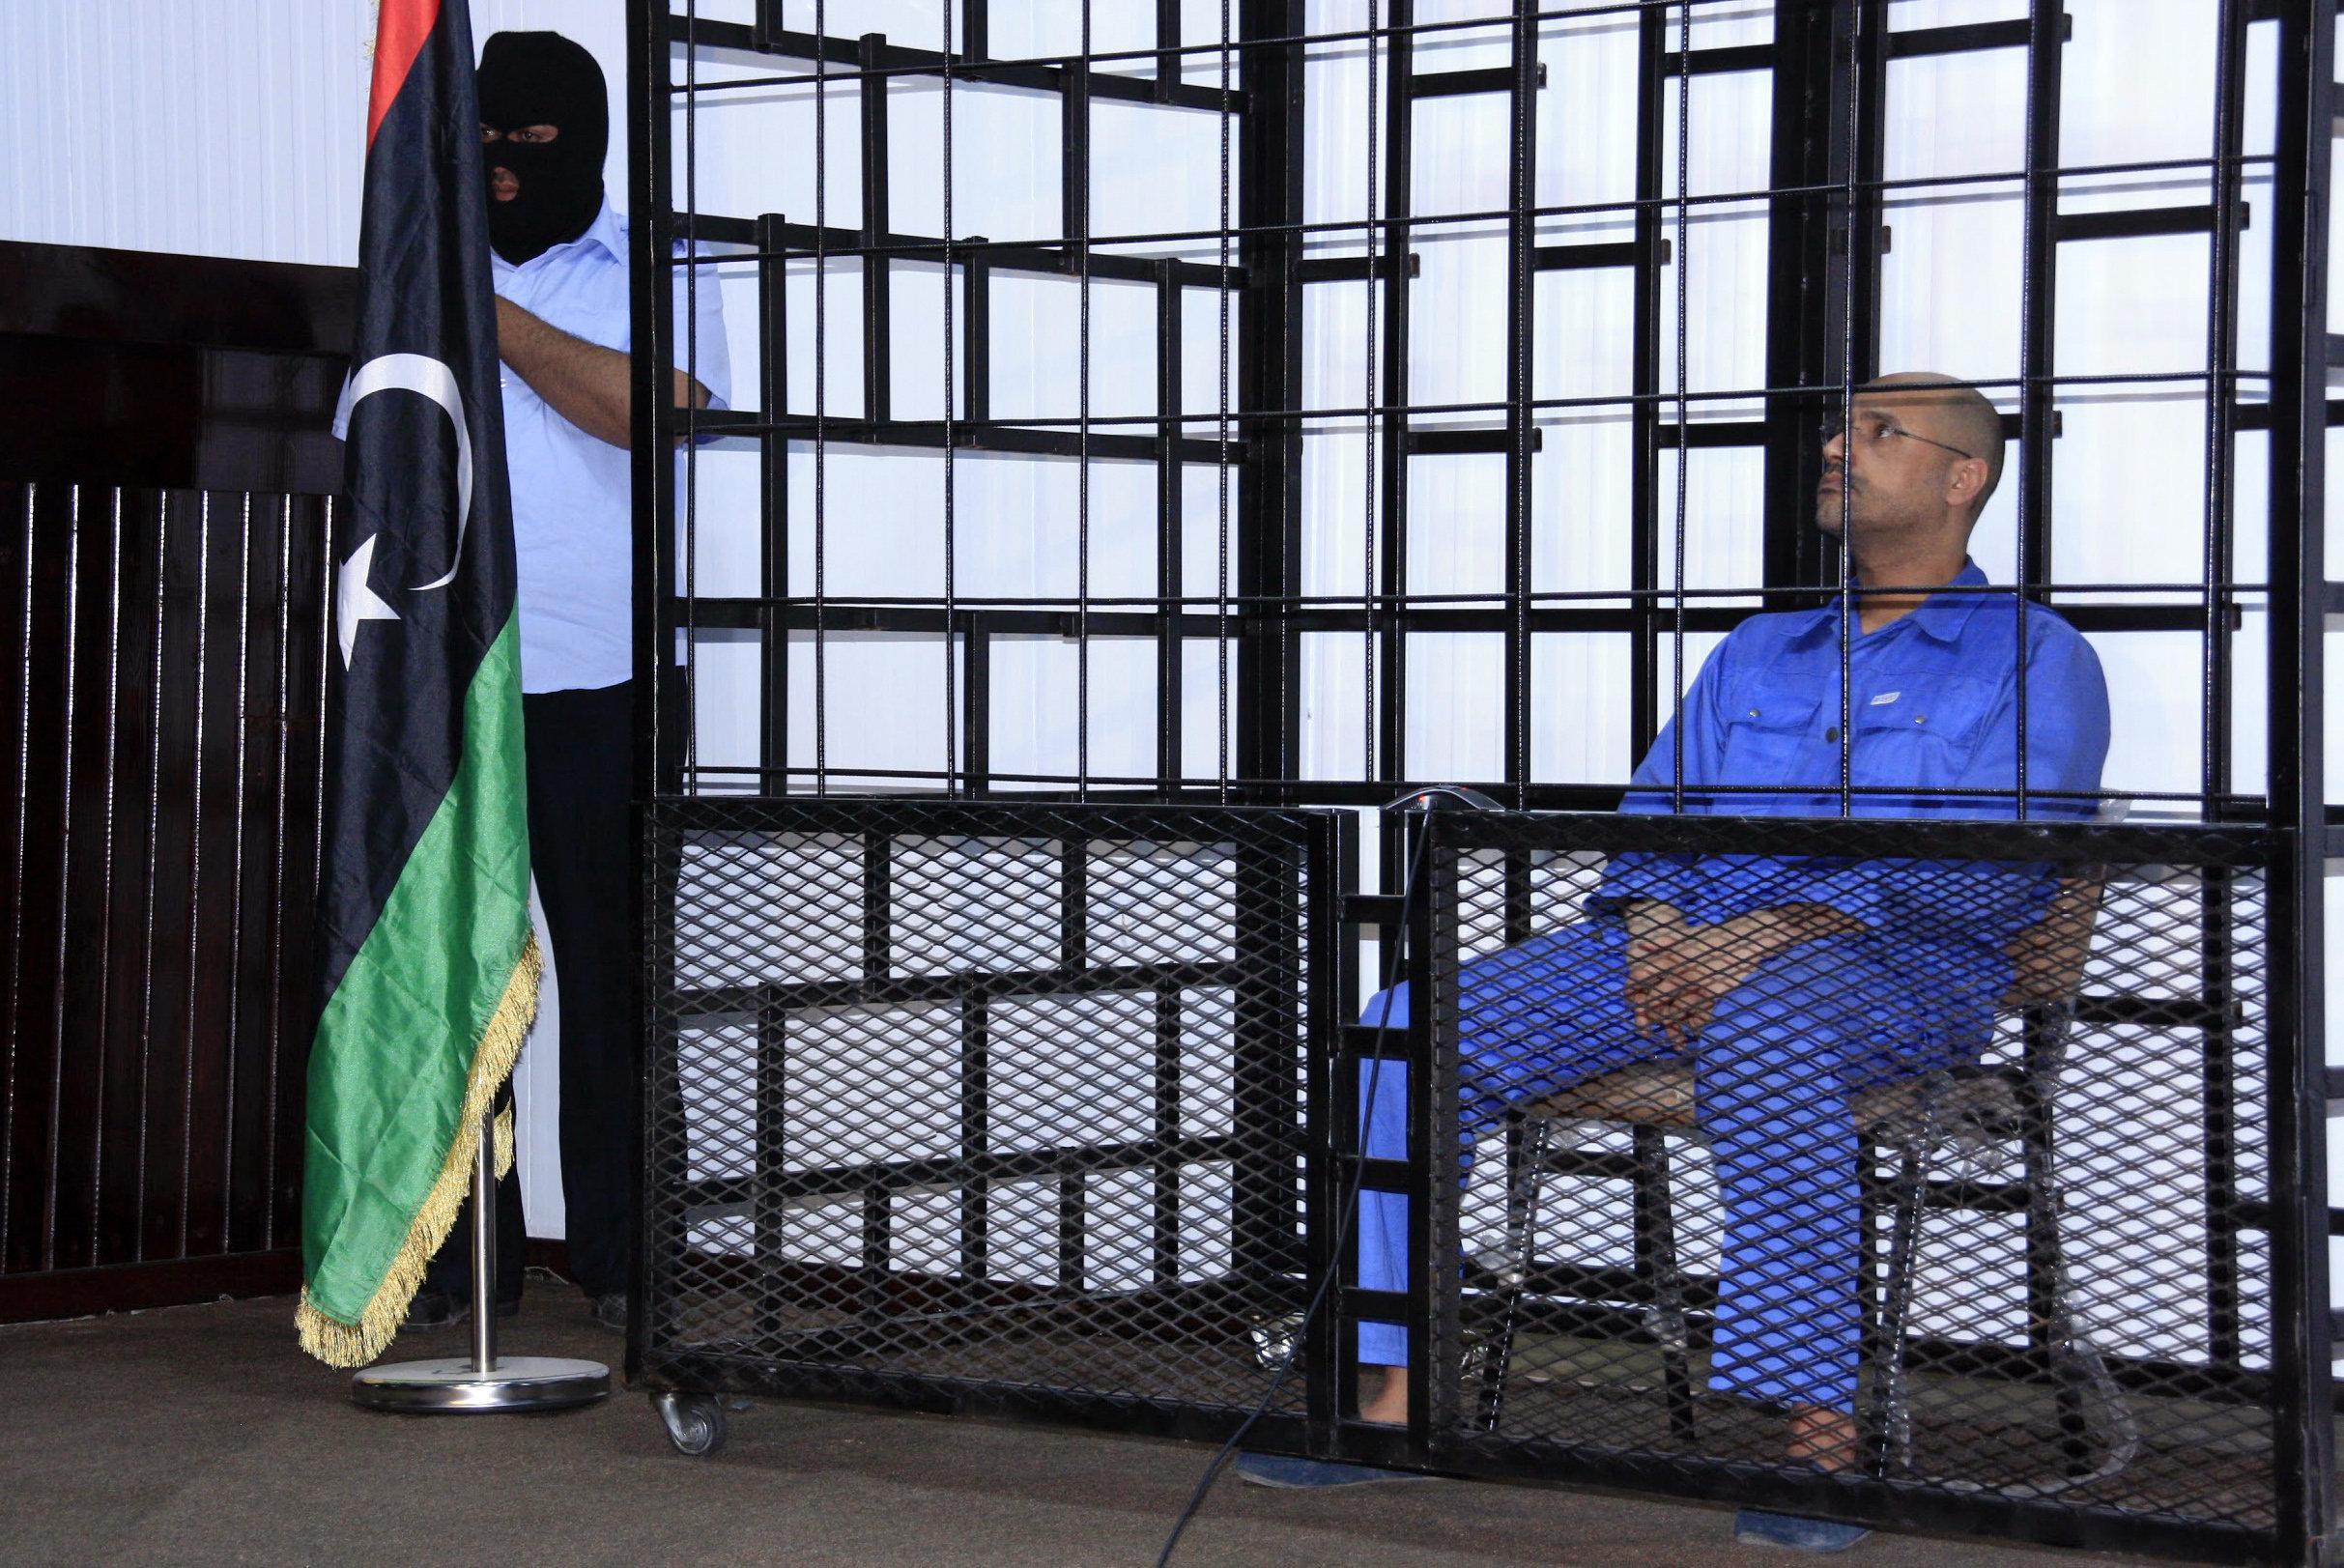 Le sort toujours inconnu de Seif al-Islam Kadhafi